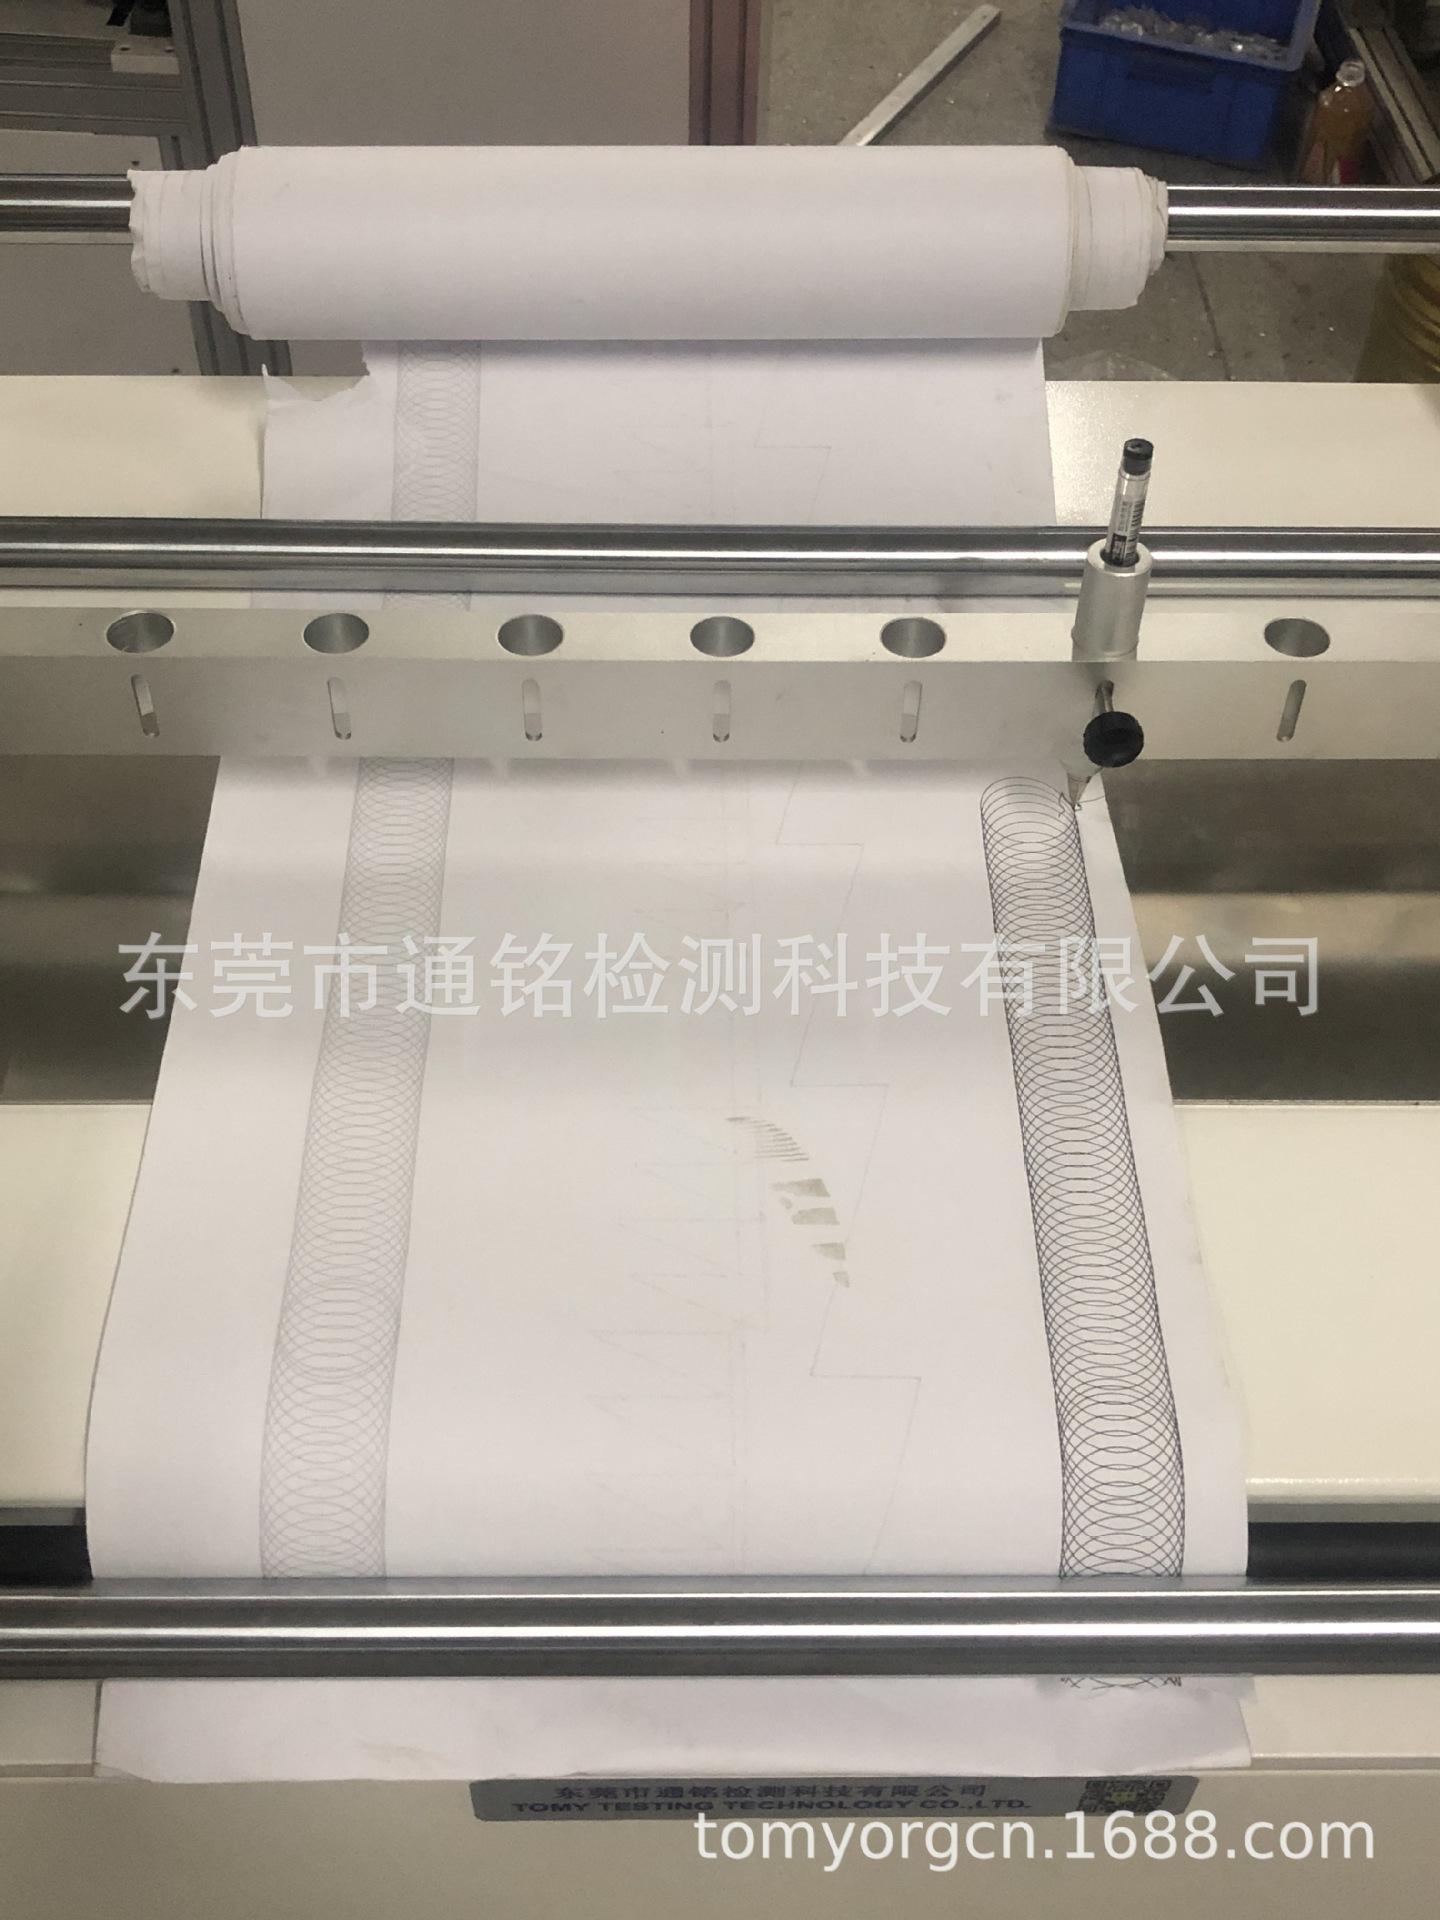 划圆书写机QB/T 1655,书写性能测试仪GB/T 26714,出墨量试验机 2